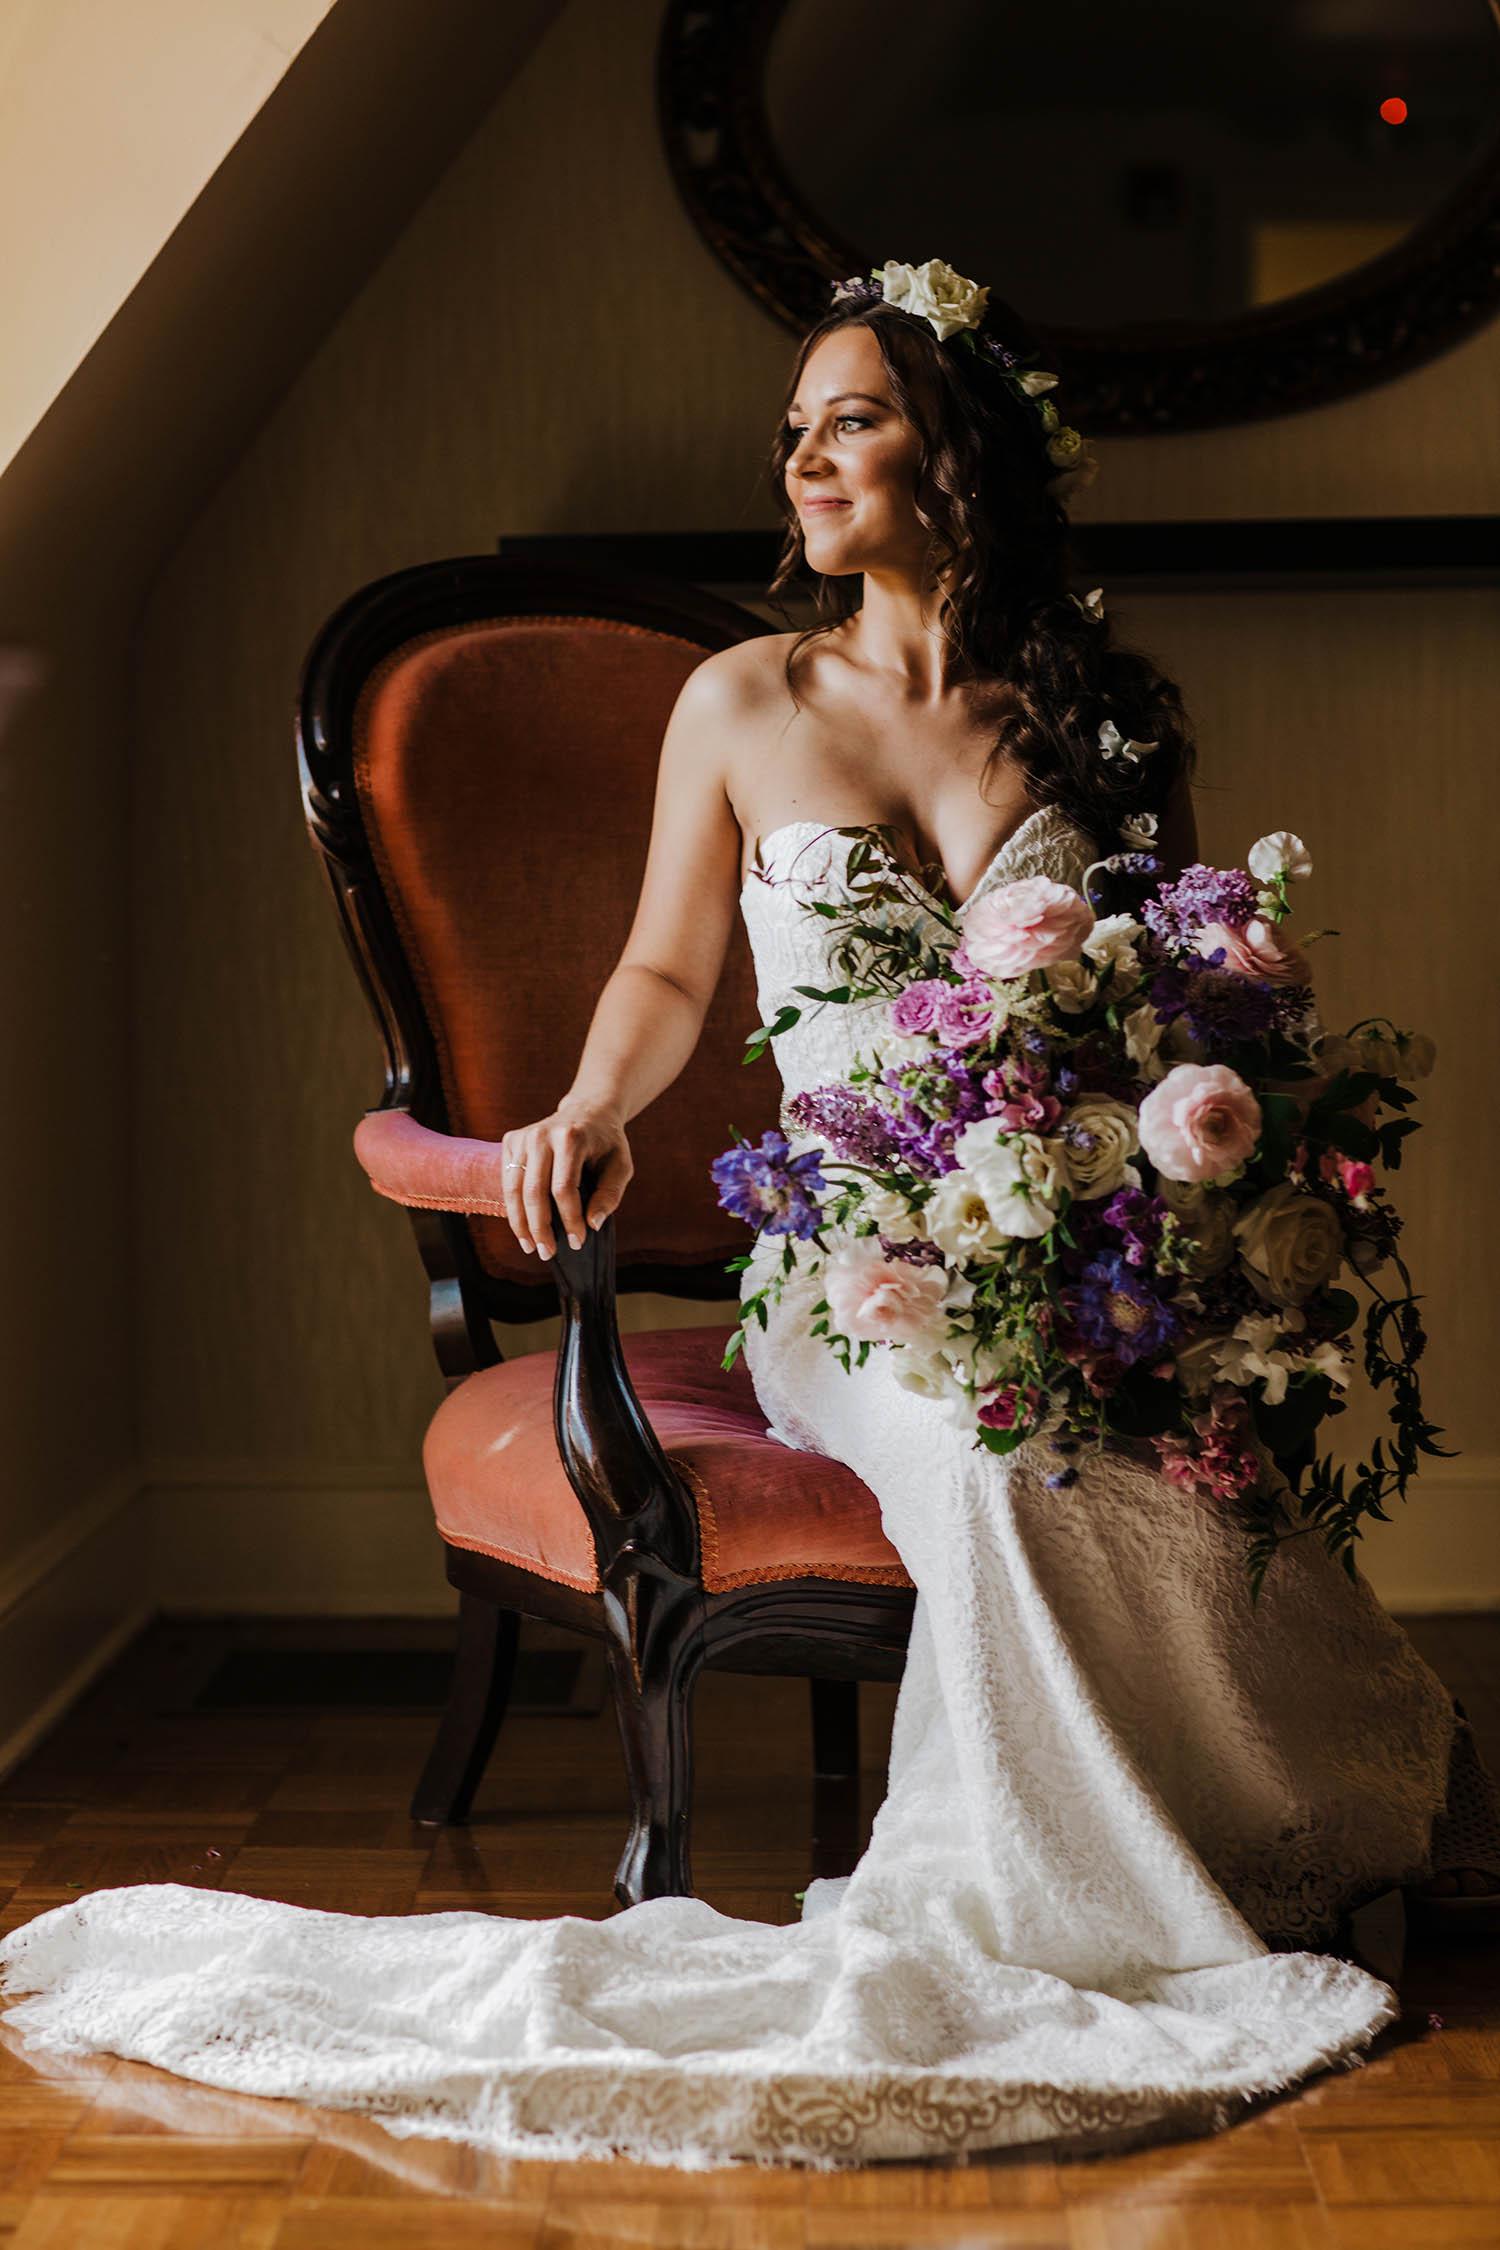 ct-wedding-florist-saint-clements-castle-wedding-5